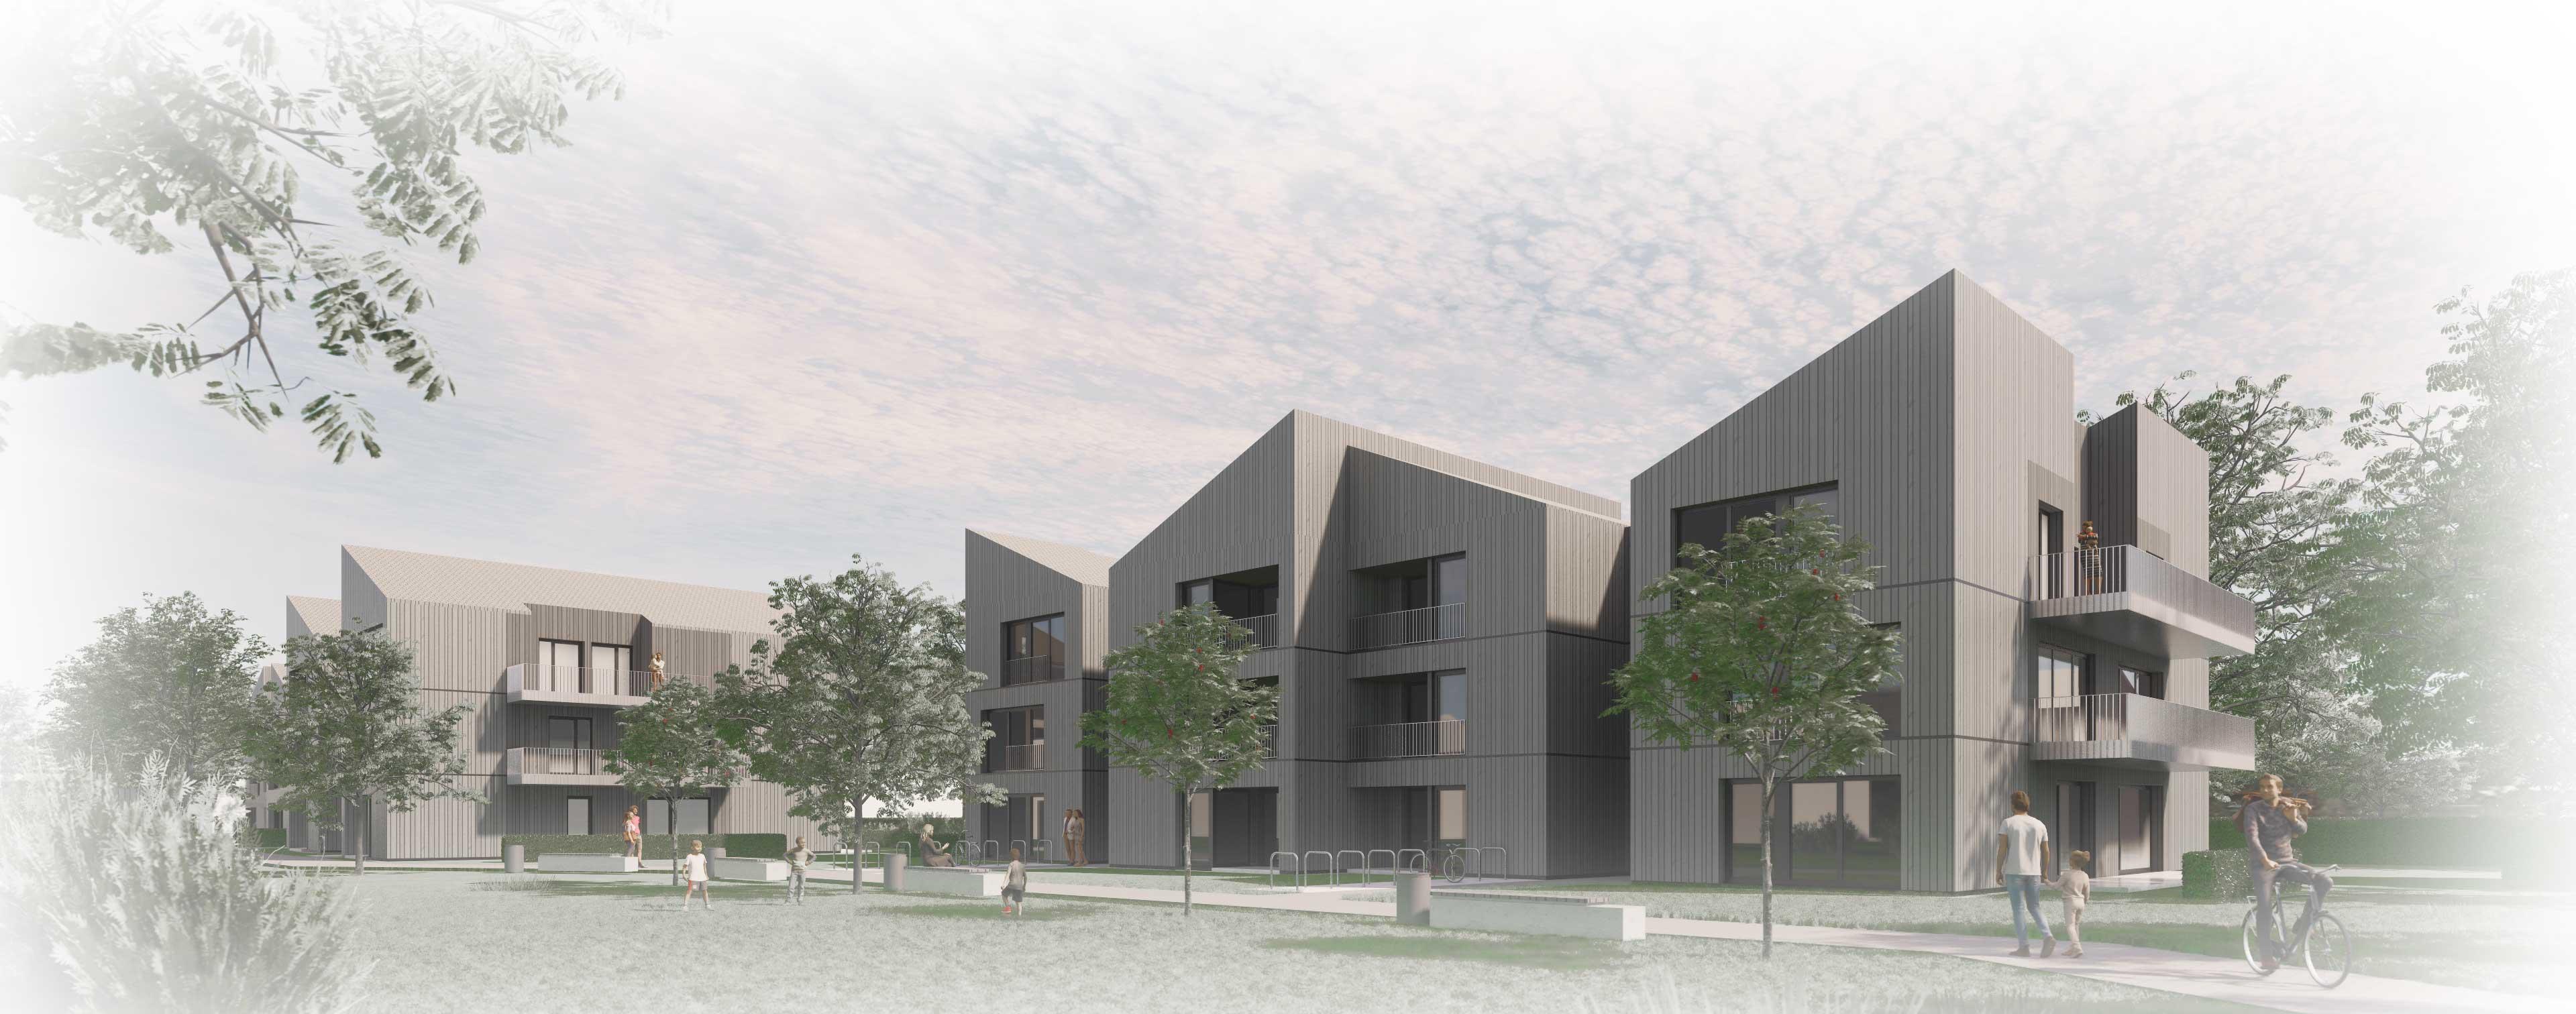 Baugenehmigung Geförderter Wohnungsbau auf dem Schmucker-Areal, Utting am Ammersee